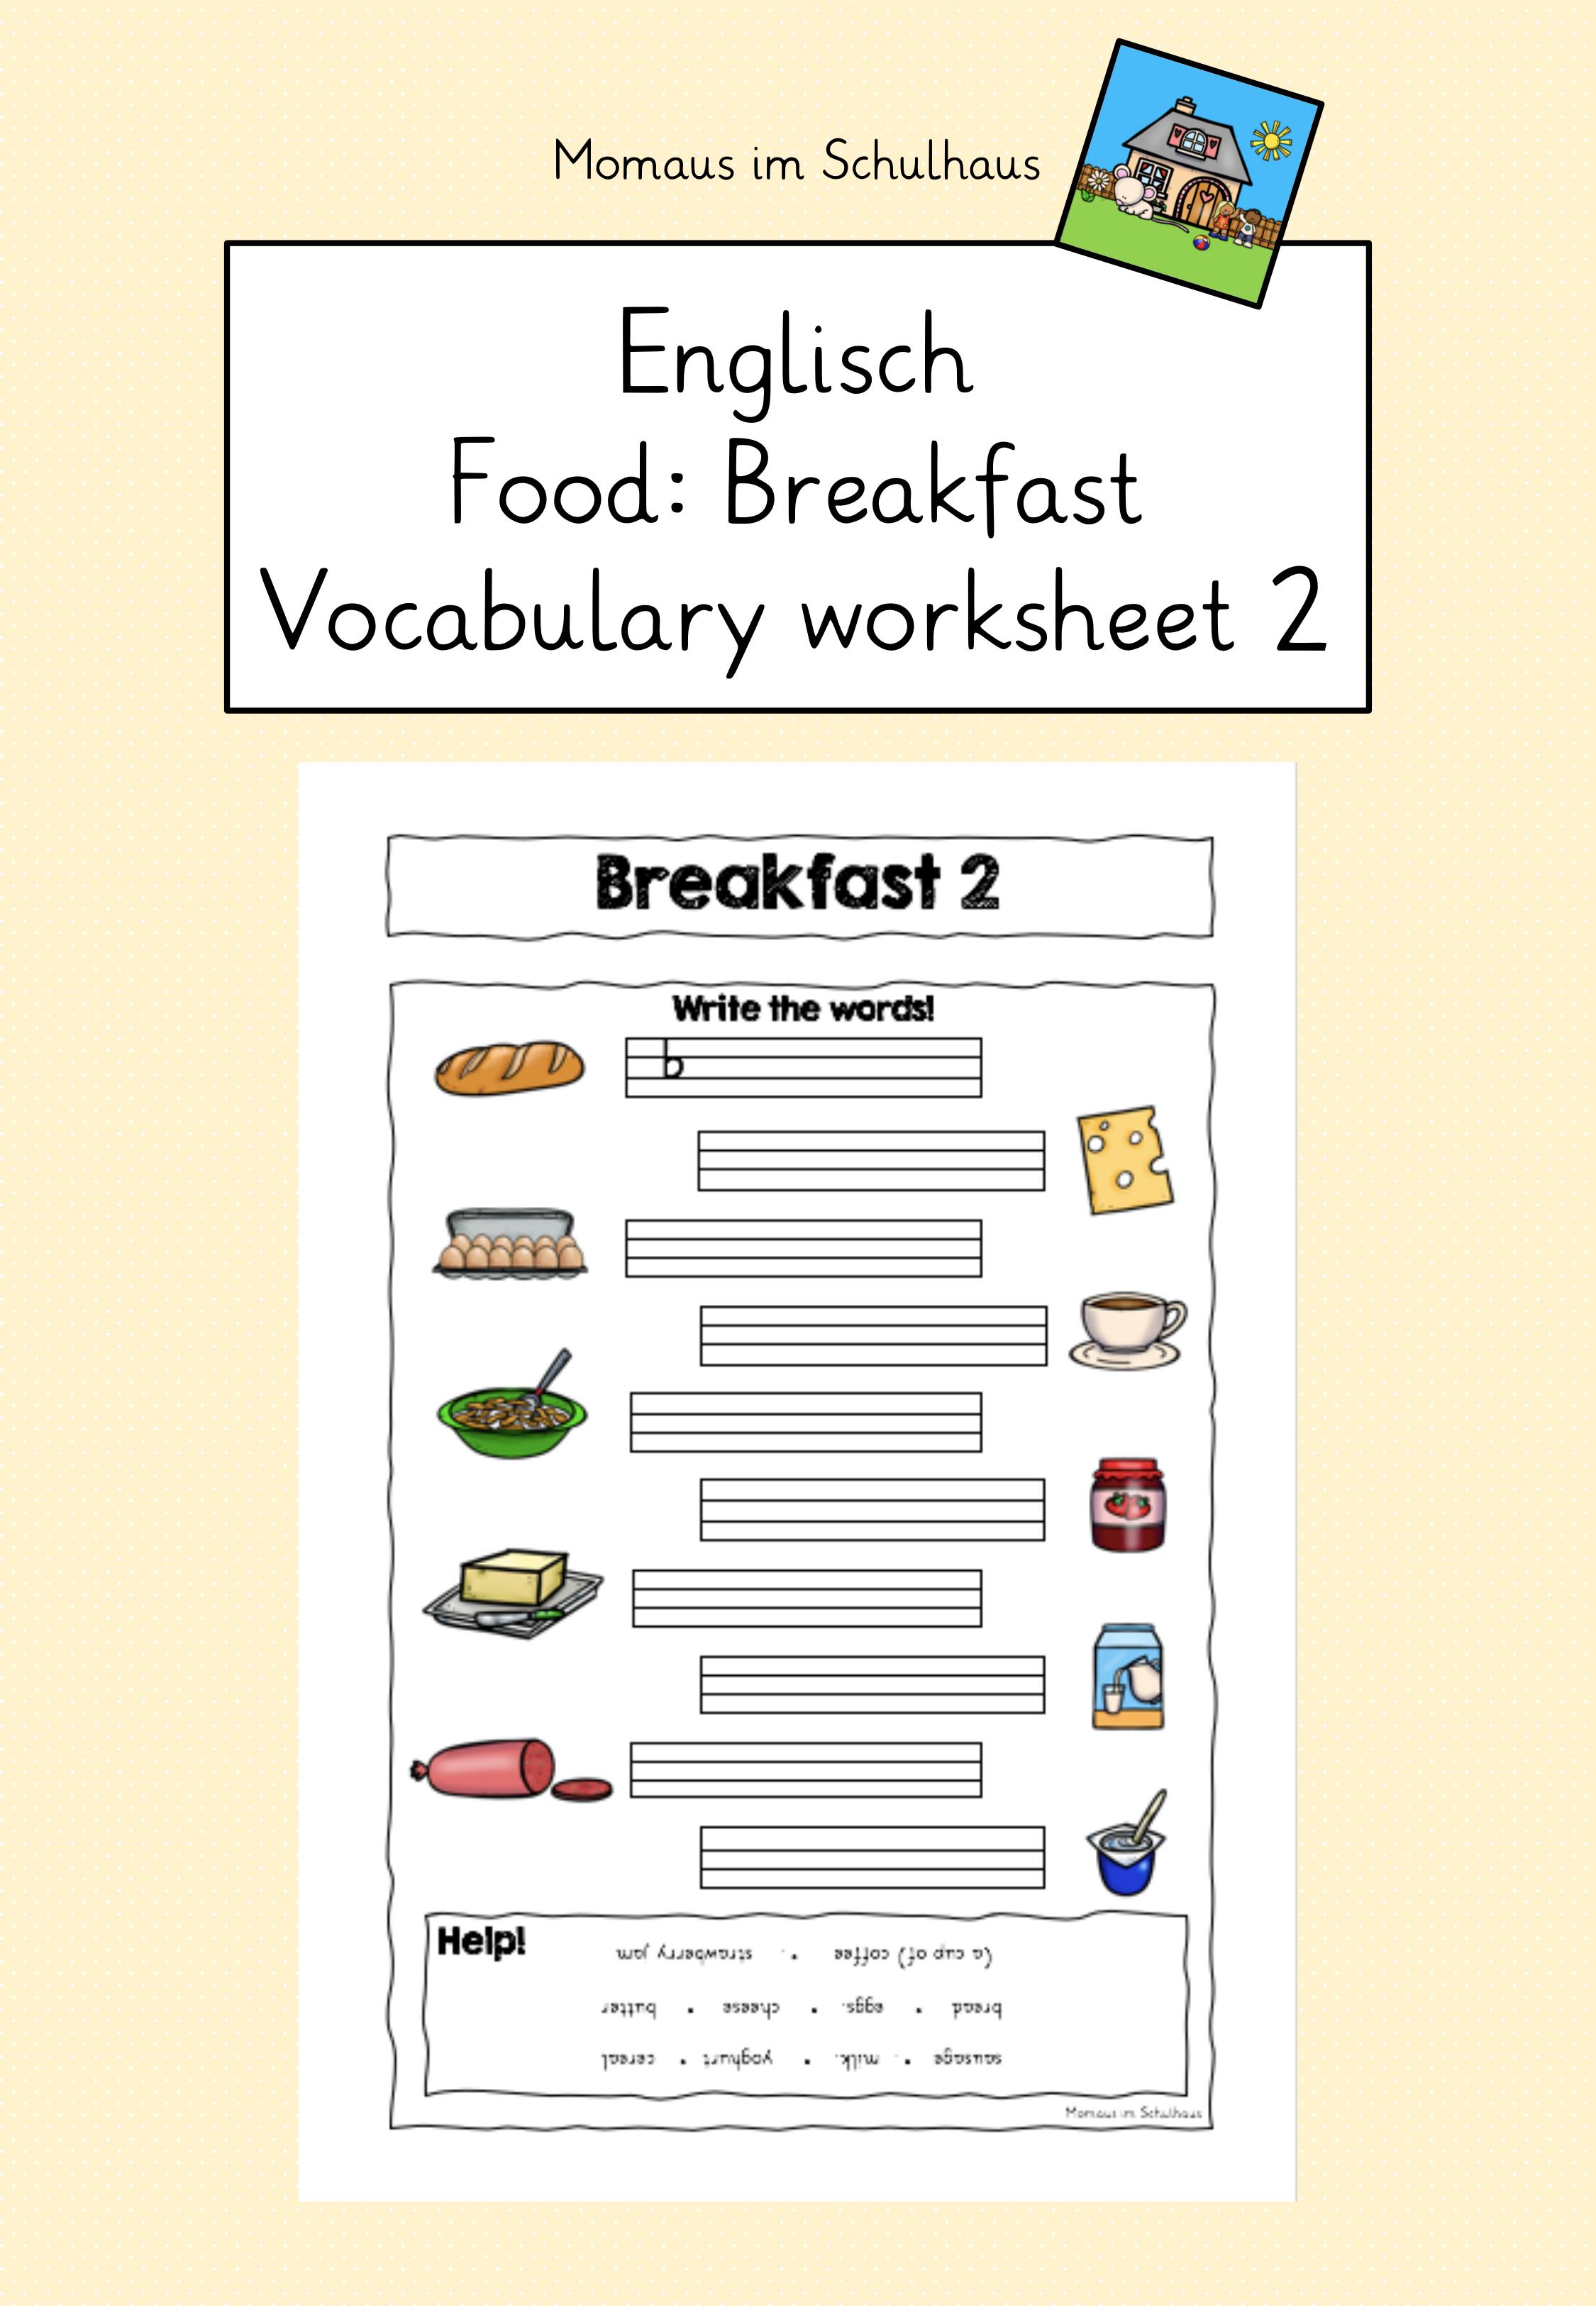 Food Breakfast Worksheet 2 Fruhstuck Arbeitsblatt Unterrichtsmaterial Im Fach Englisch Englischunterricht Grundschule Motivation Zum Lernen Fragen Lernen